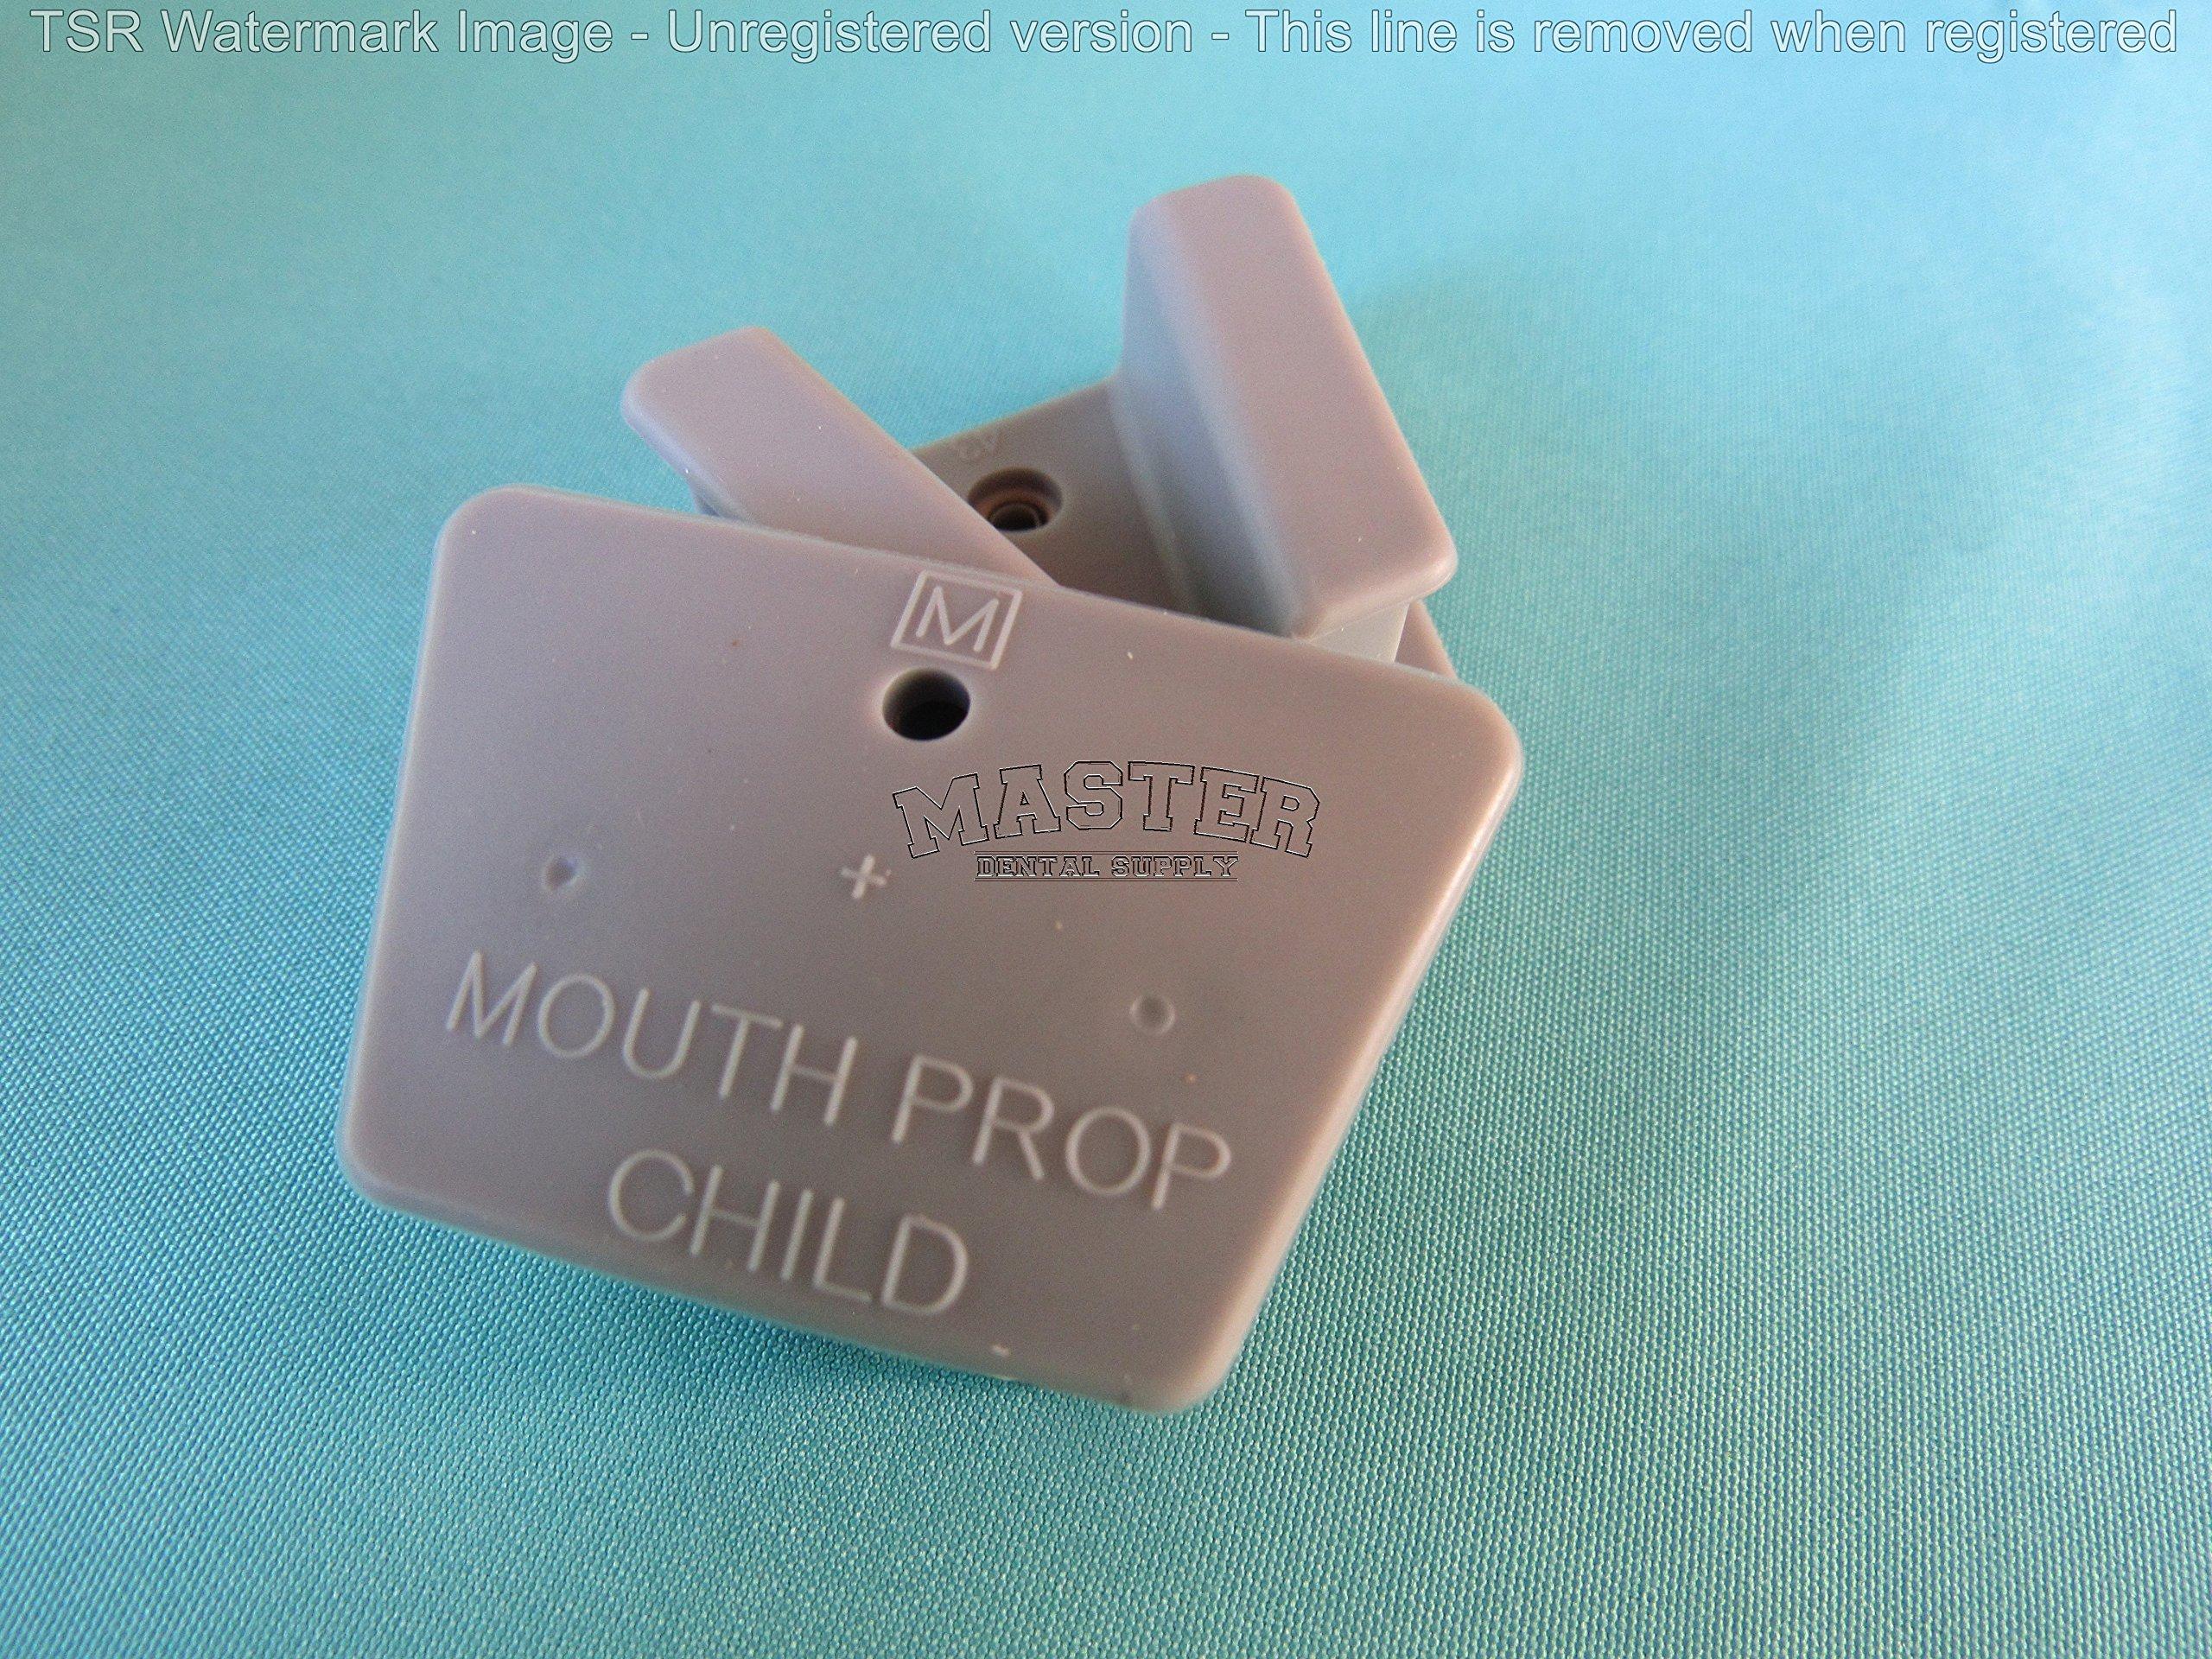 Dental Rubber Mouth Props MEDIUM 2 Pcs GRAY Color Bite Blocks AUTOCLAVABLE